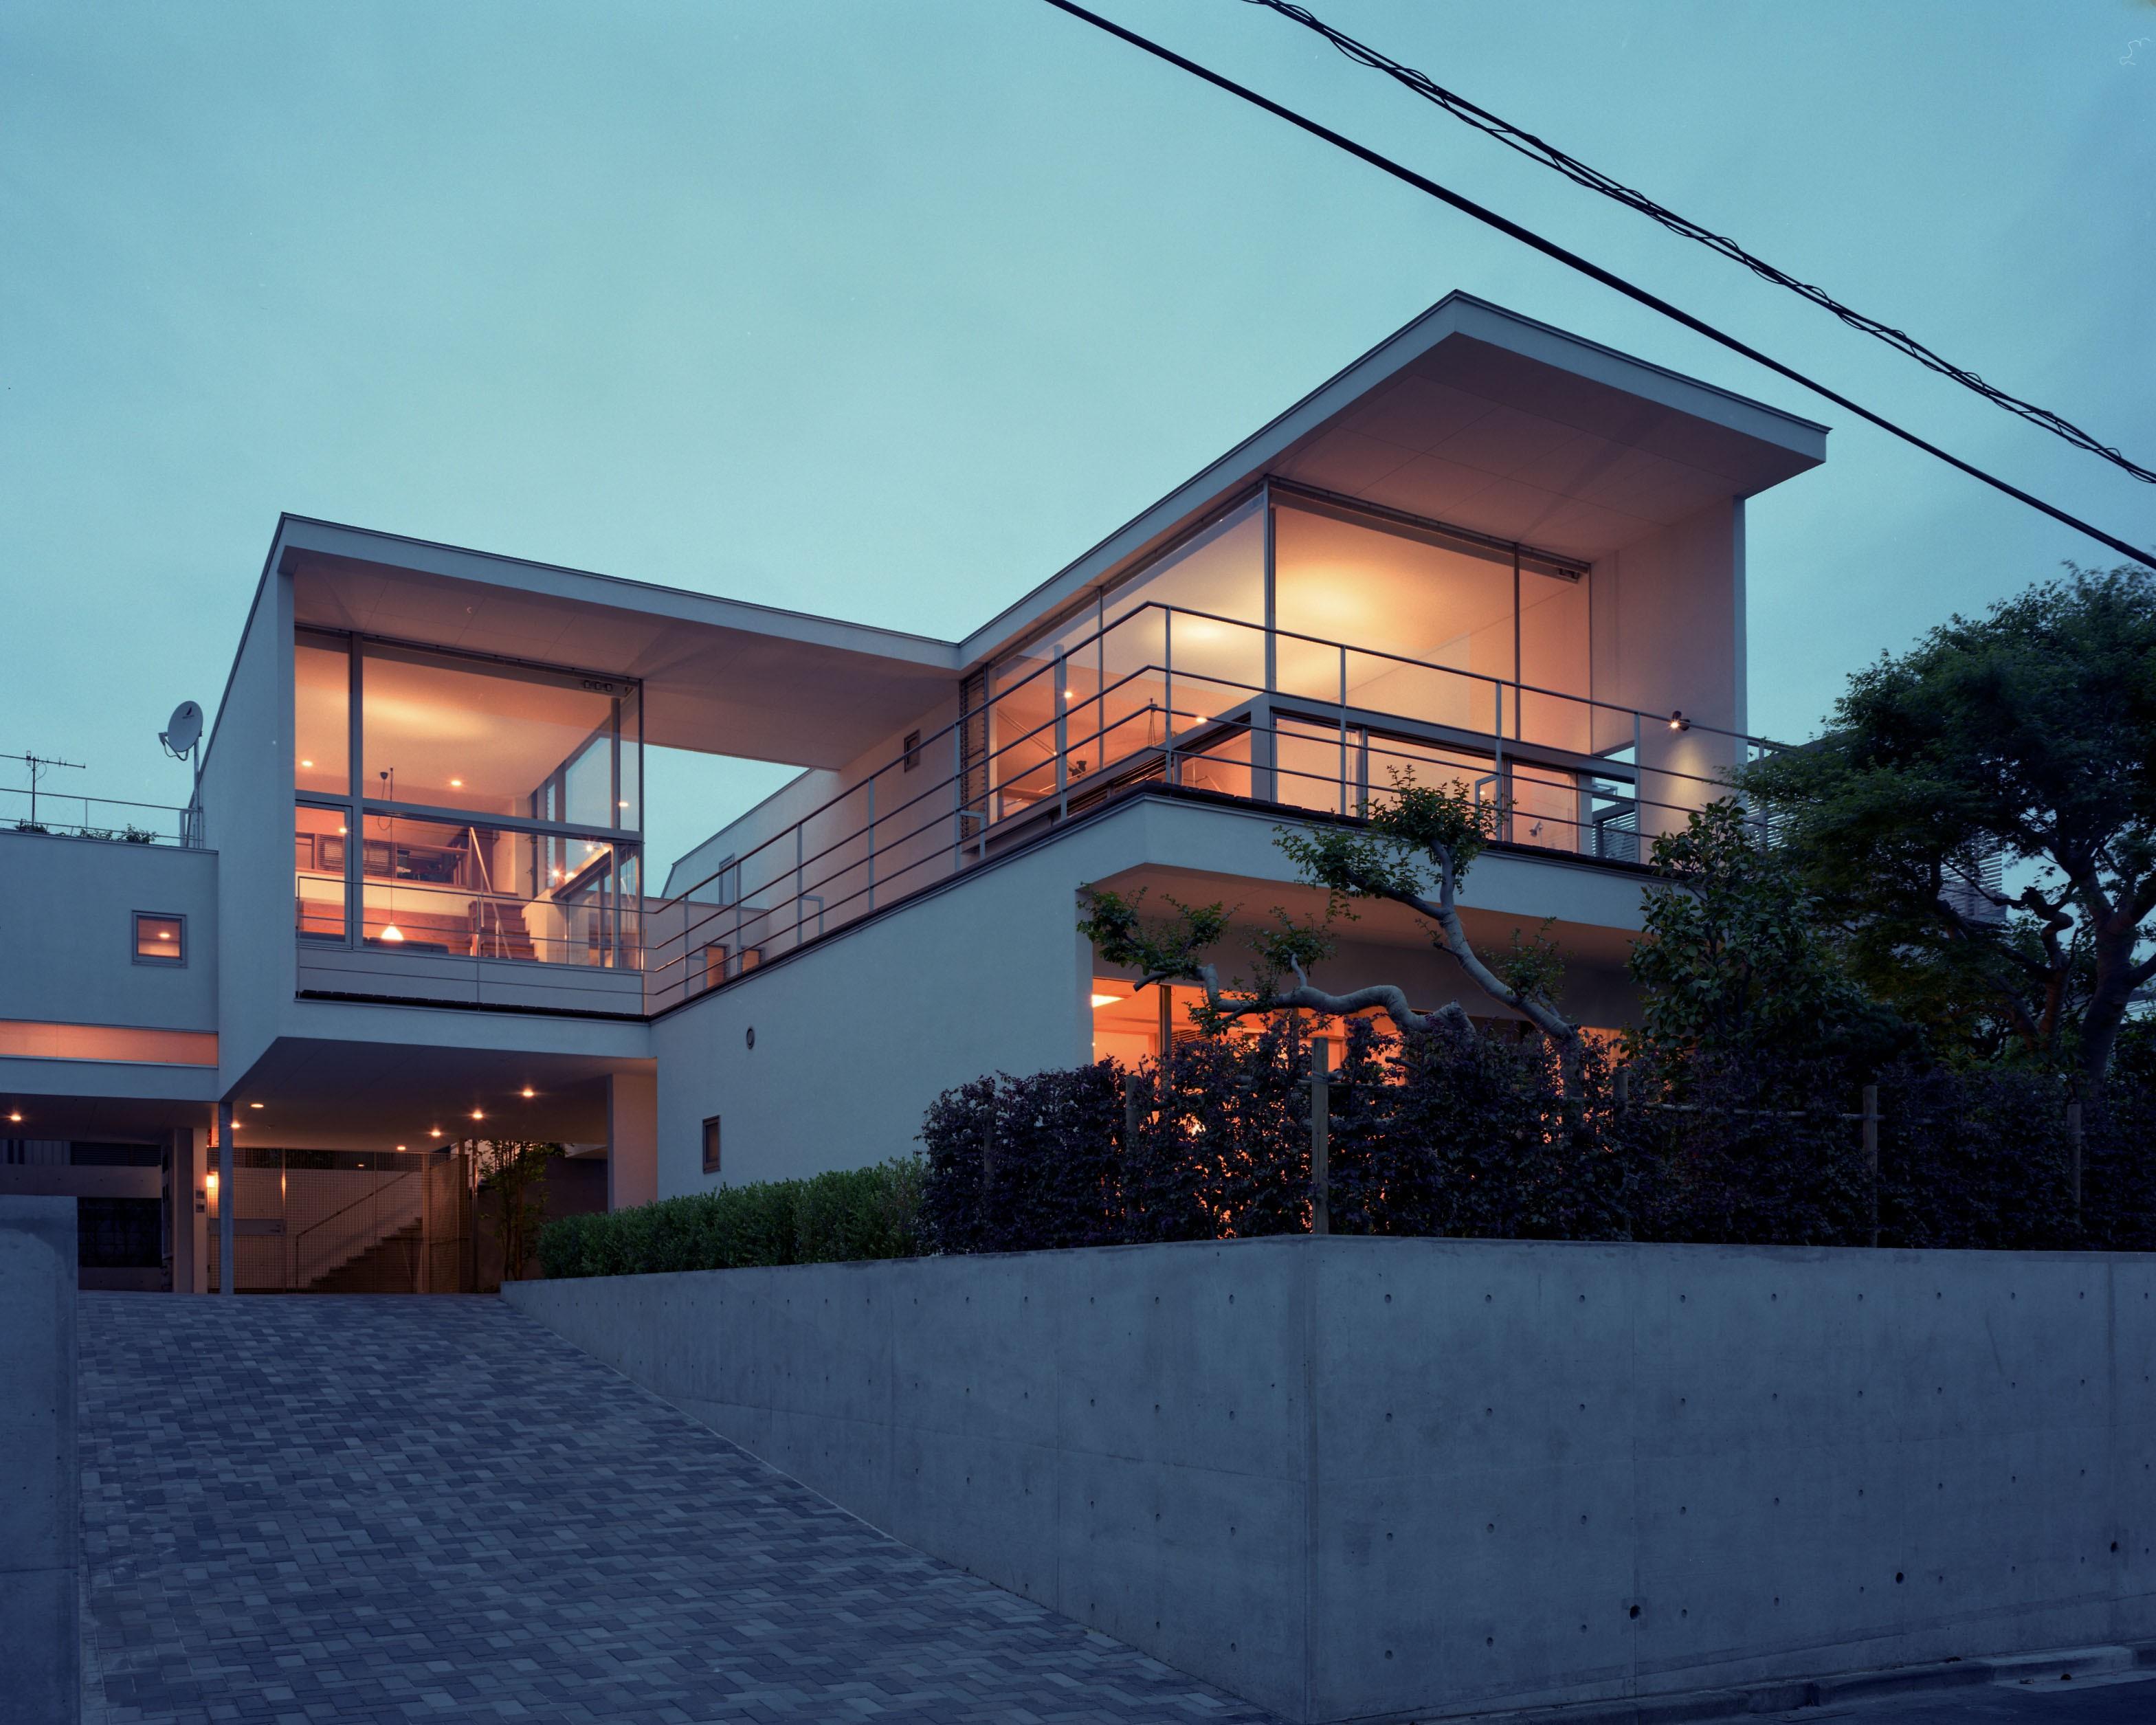 外観事例:外観夕景(【フラッツ5+1】  − オーナー3住戸+賃貸2戸+アトリエの複合建築)